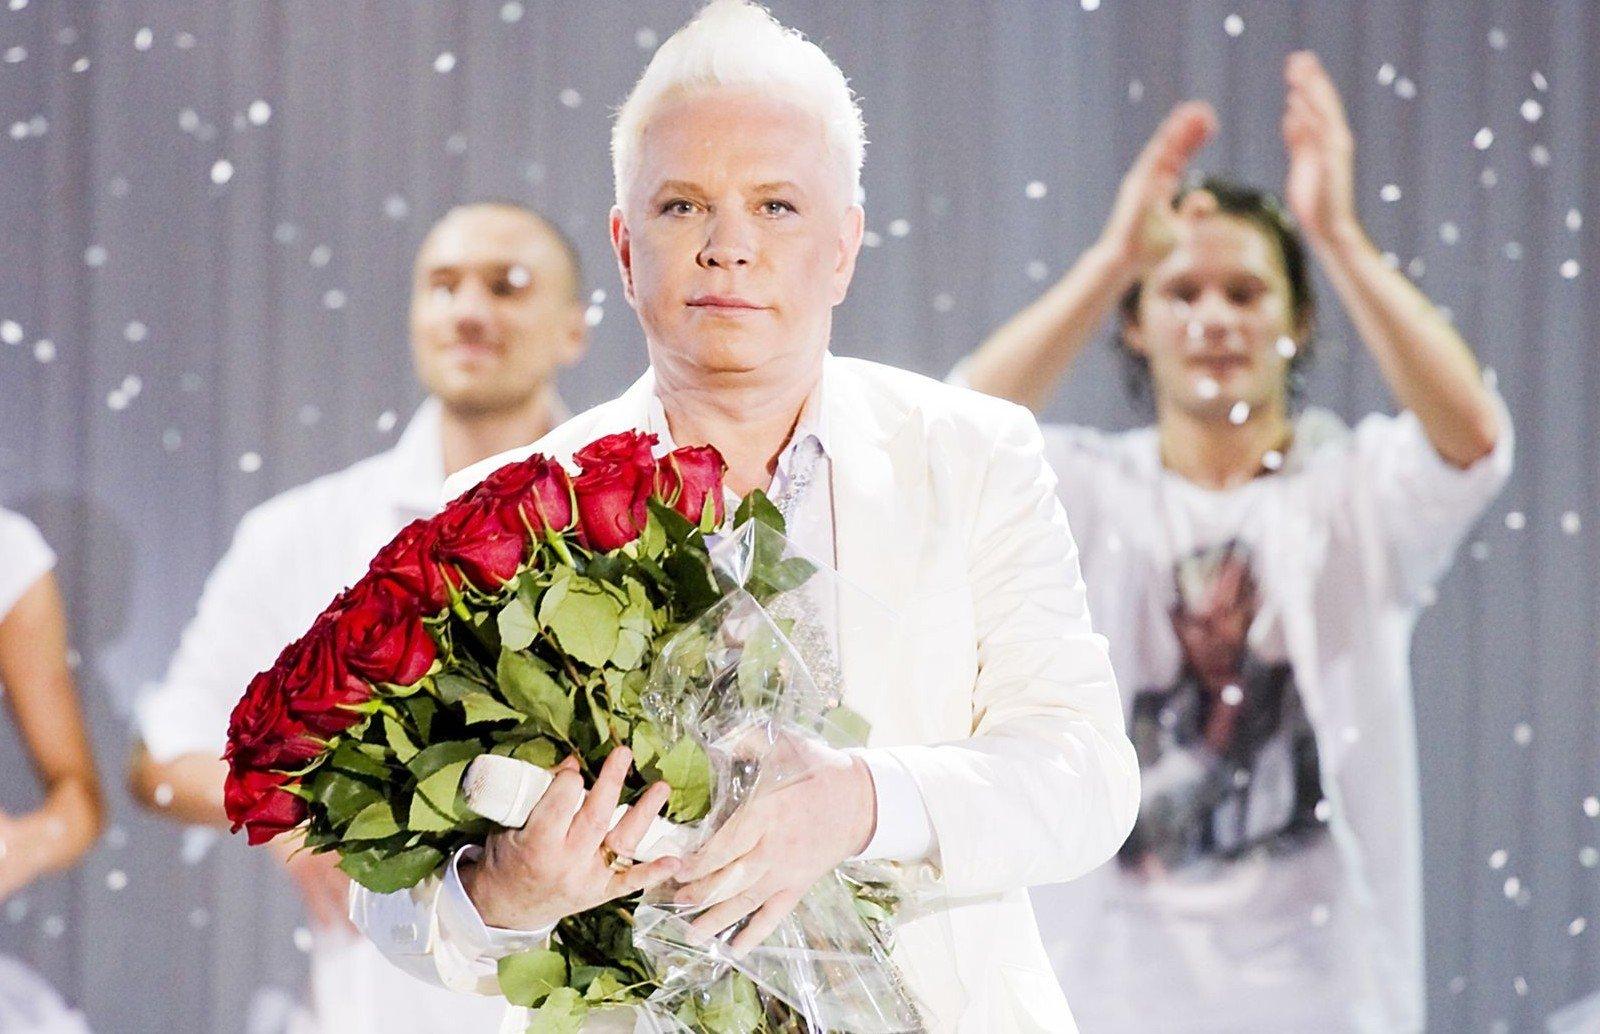 Борис Моисеев в молодости (фото)